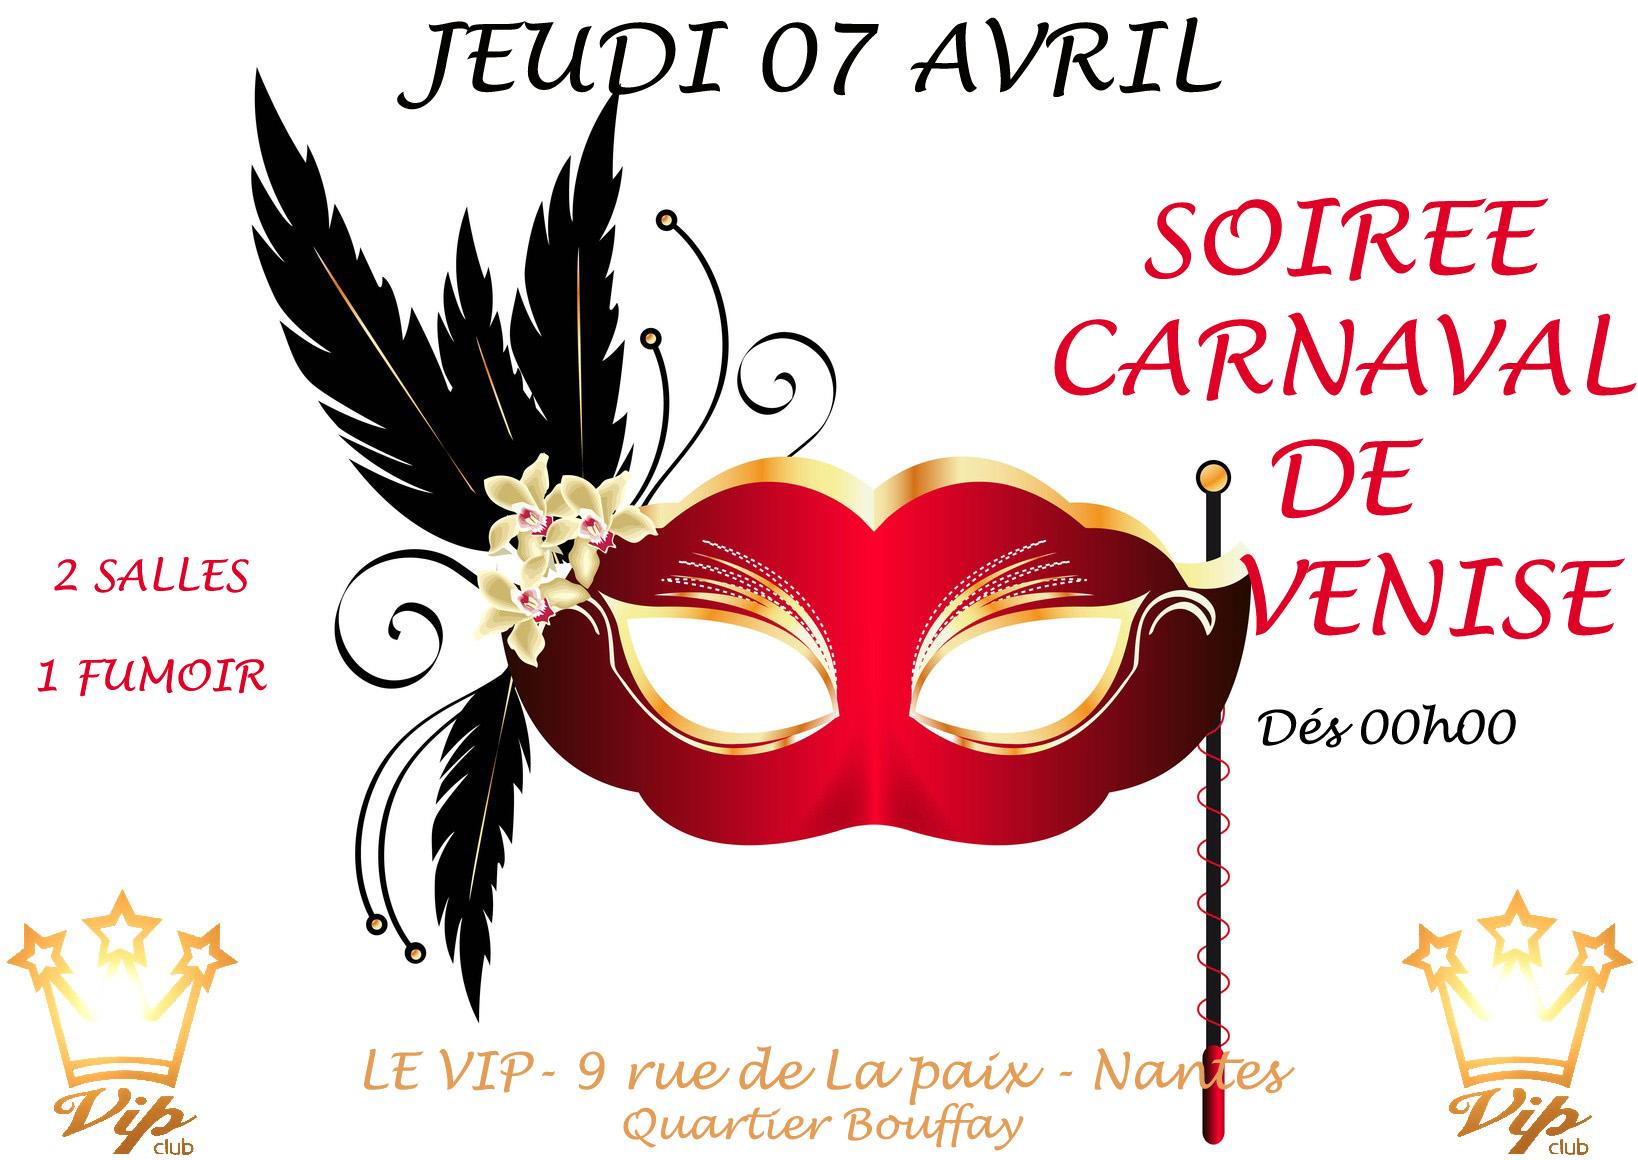 La Soirée Carnaval de Venise